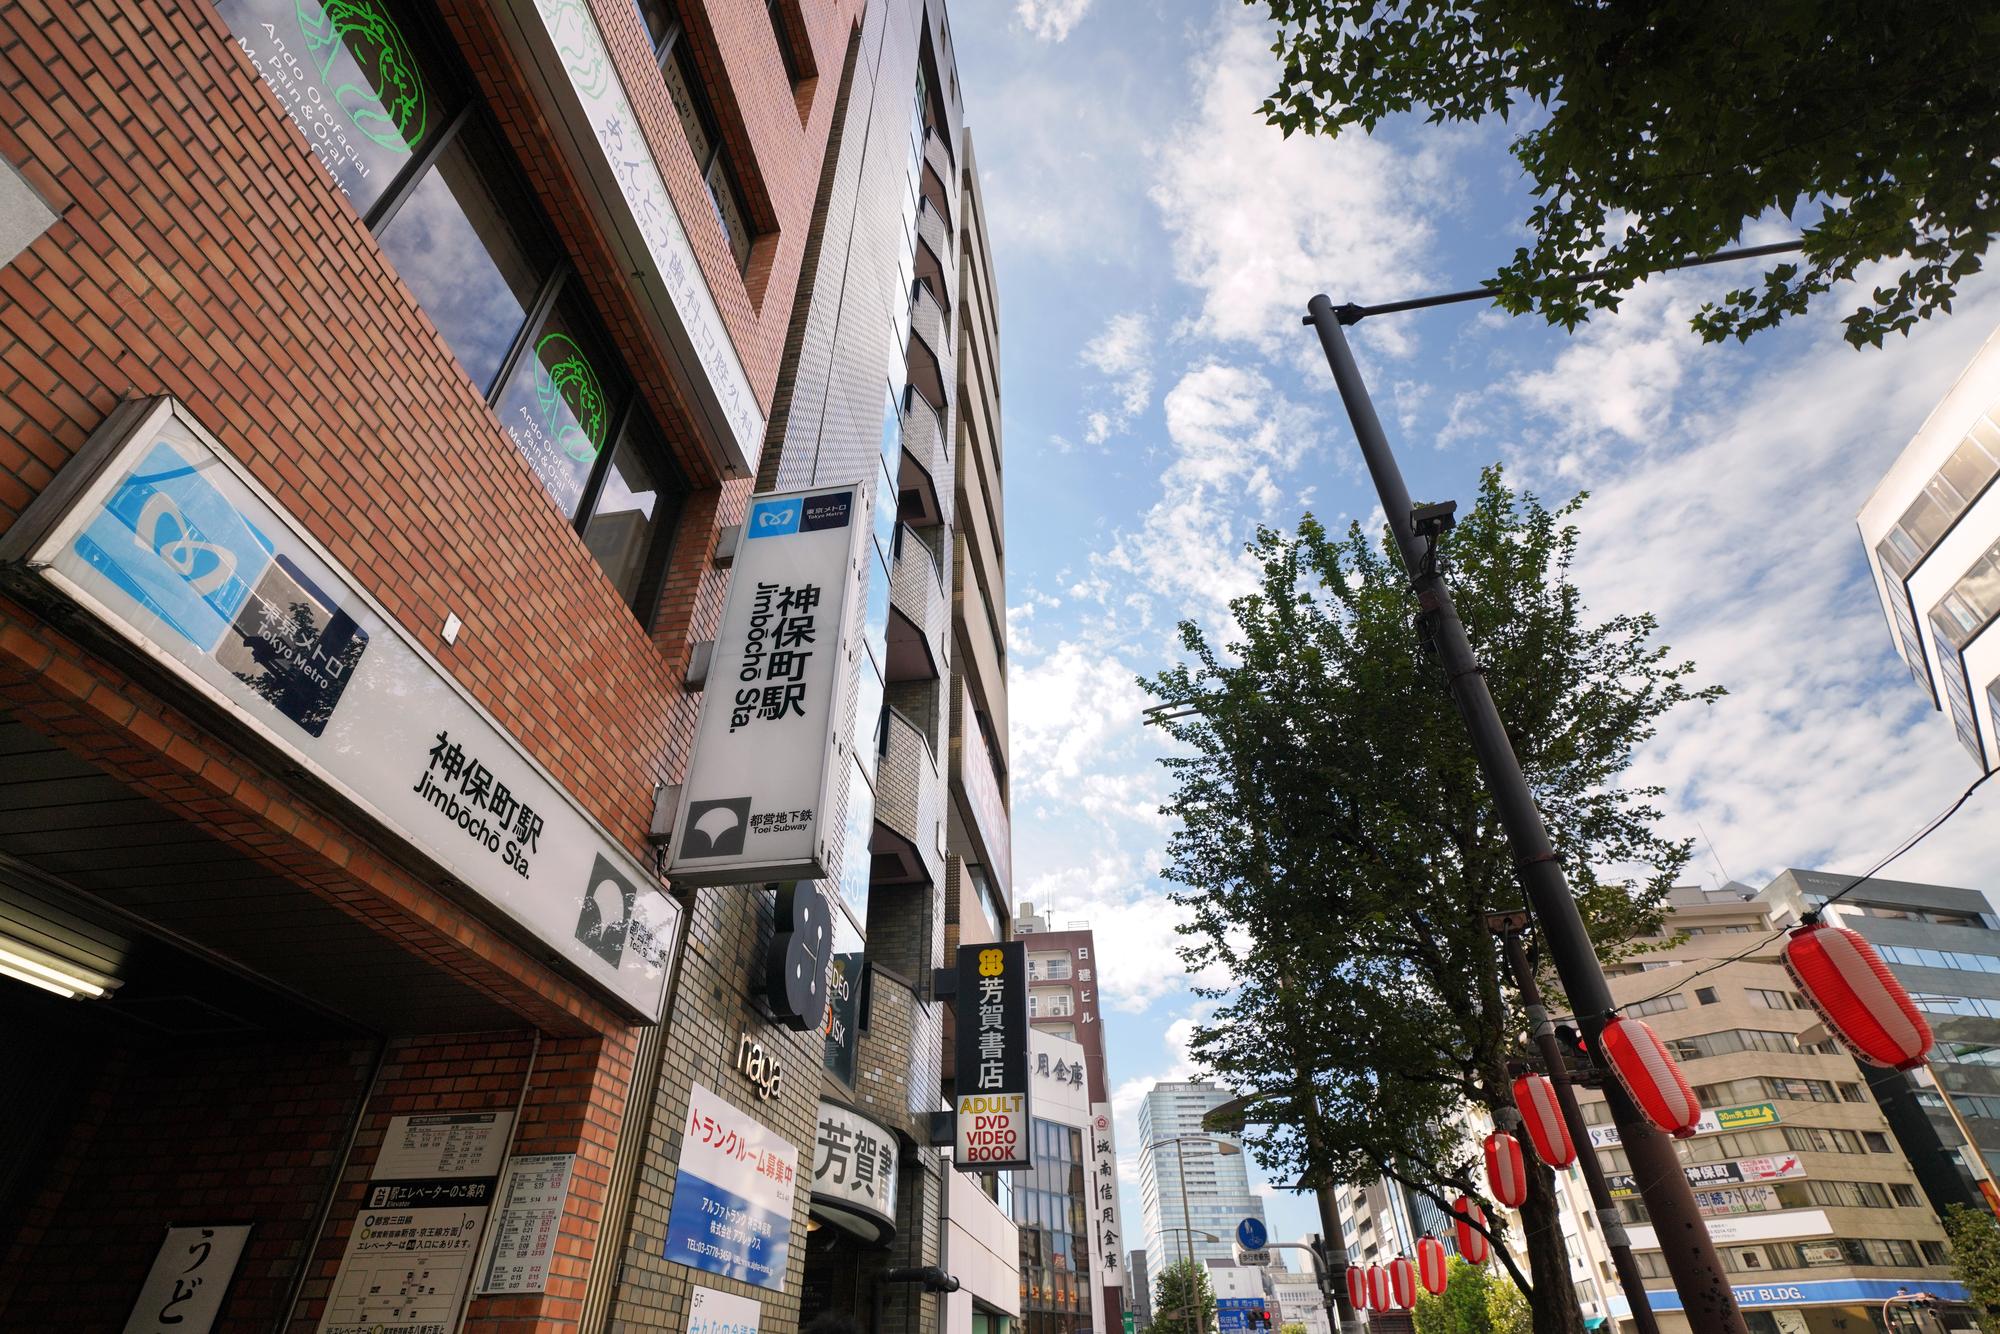 会議やオフサイトミーティングにぴったり!東京メトロ沿線駅近レンタルスペース4選|TIME SHARING|タイムシェアリング|スペースマネジメント|あどばる|adval|SHARING